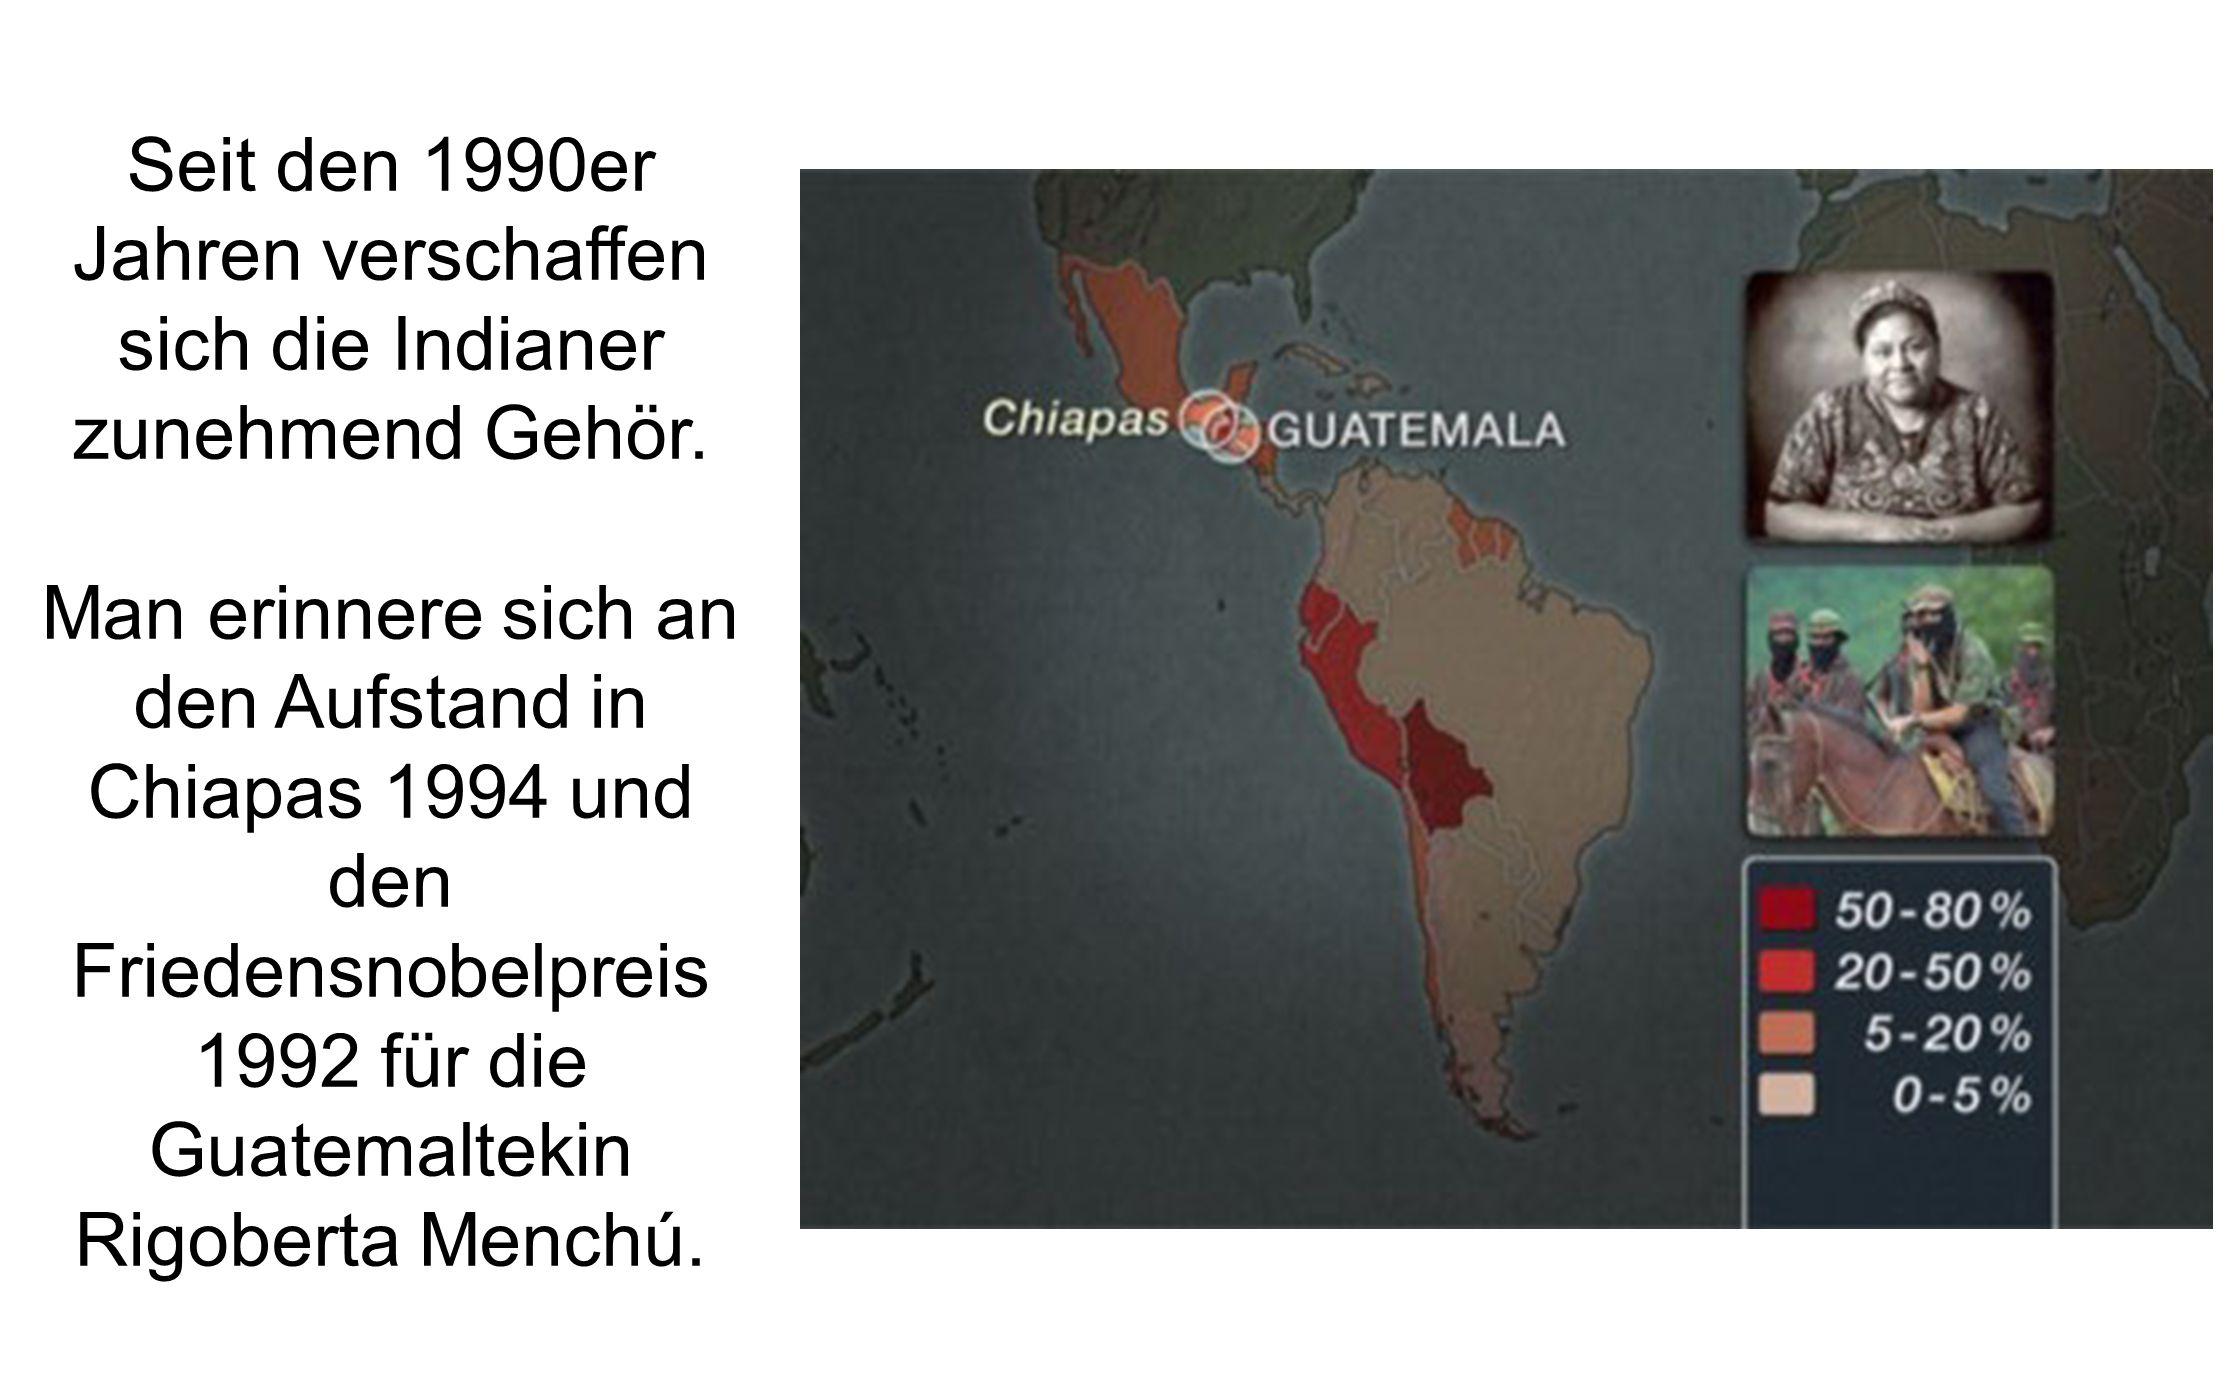 Seit den 1990er Jahren verschaffen sich die Indianer zunehmend Gehör. Man erinnere sich an den Aufstand in Chiapas 1994 und den Friedensnobelpreis 199